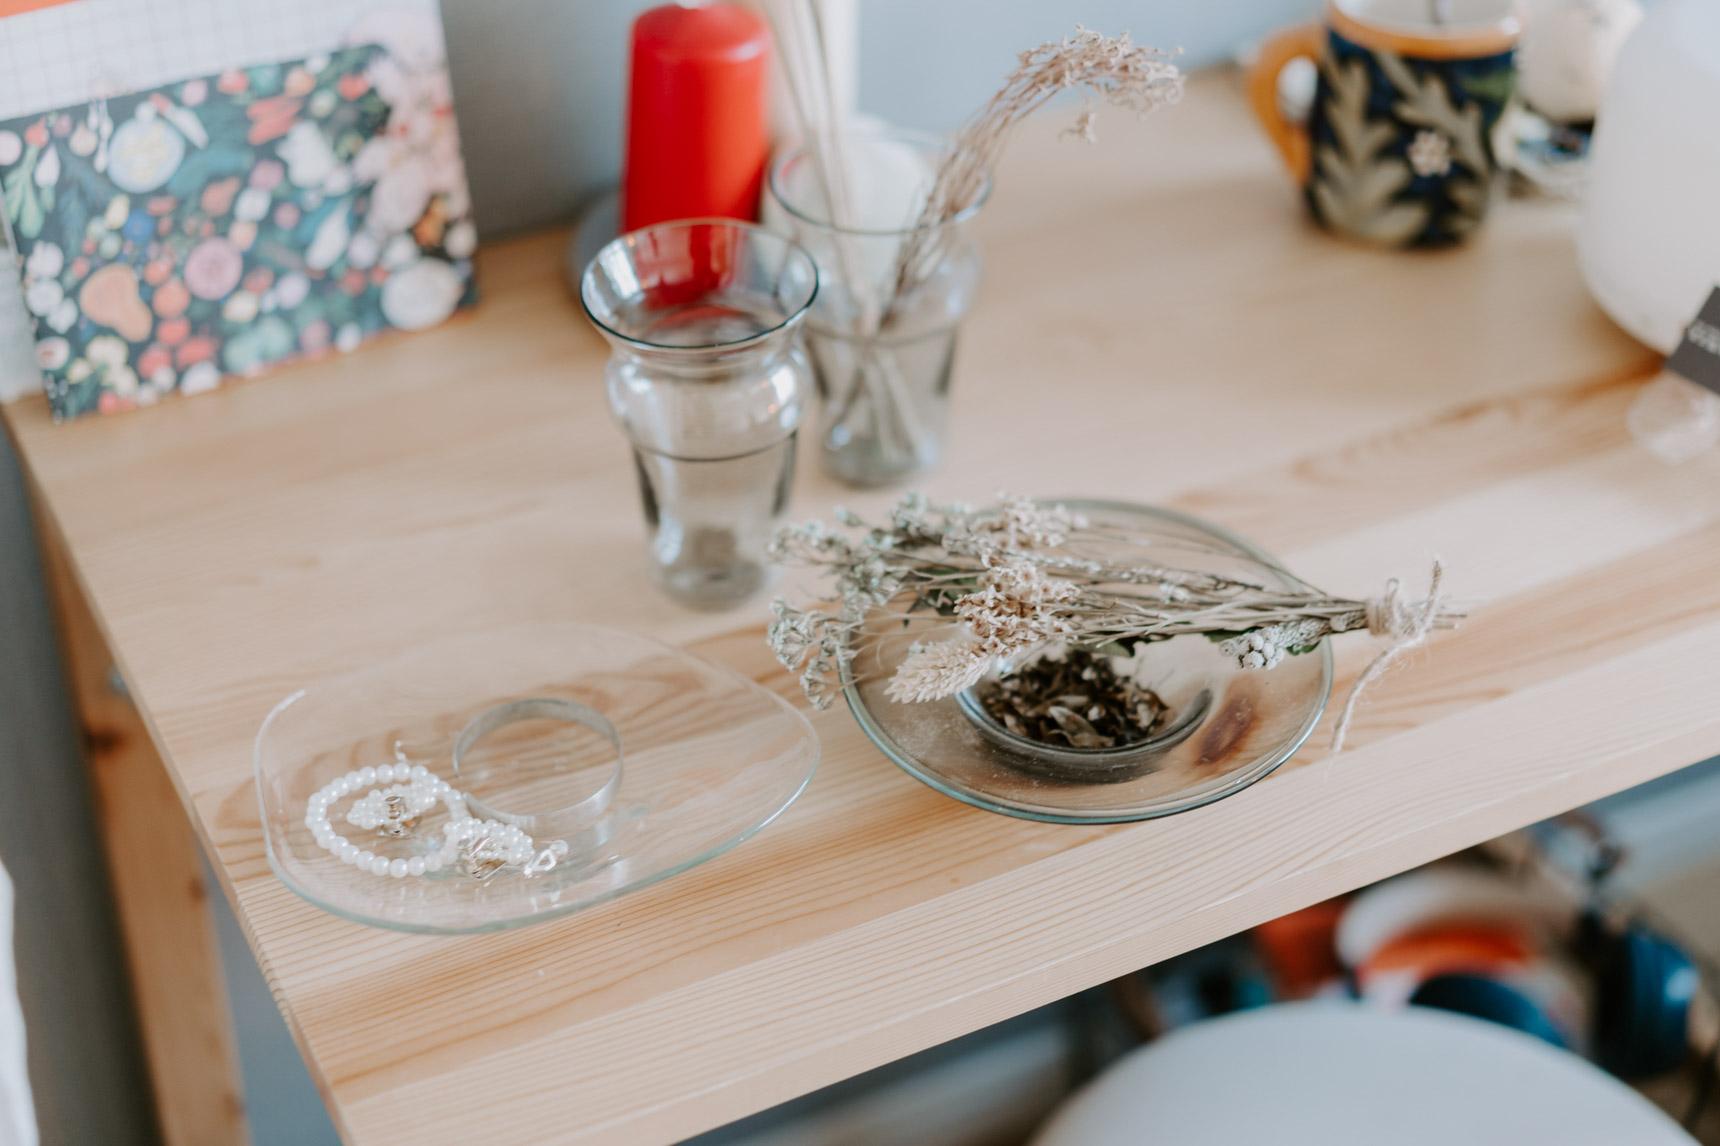 お気に入りの、沖縄のガラス作家おおやぶみよさんの器。ガラスなのに、どこかあたたかい雰囲気です。